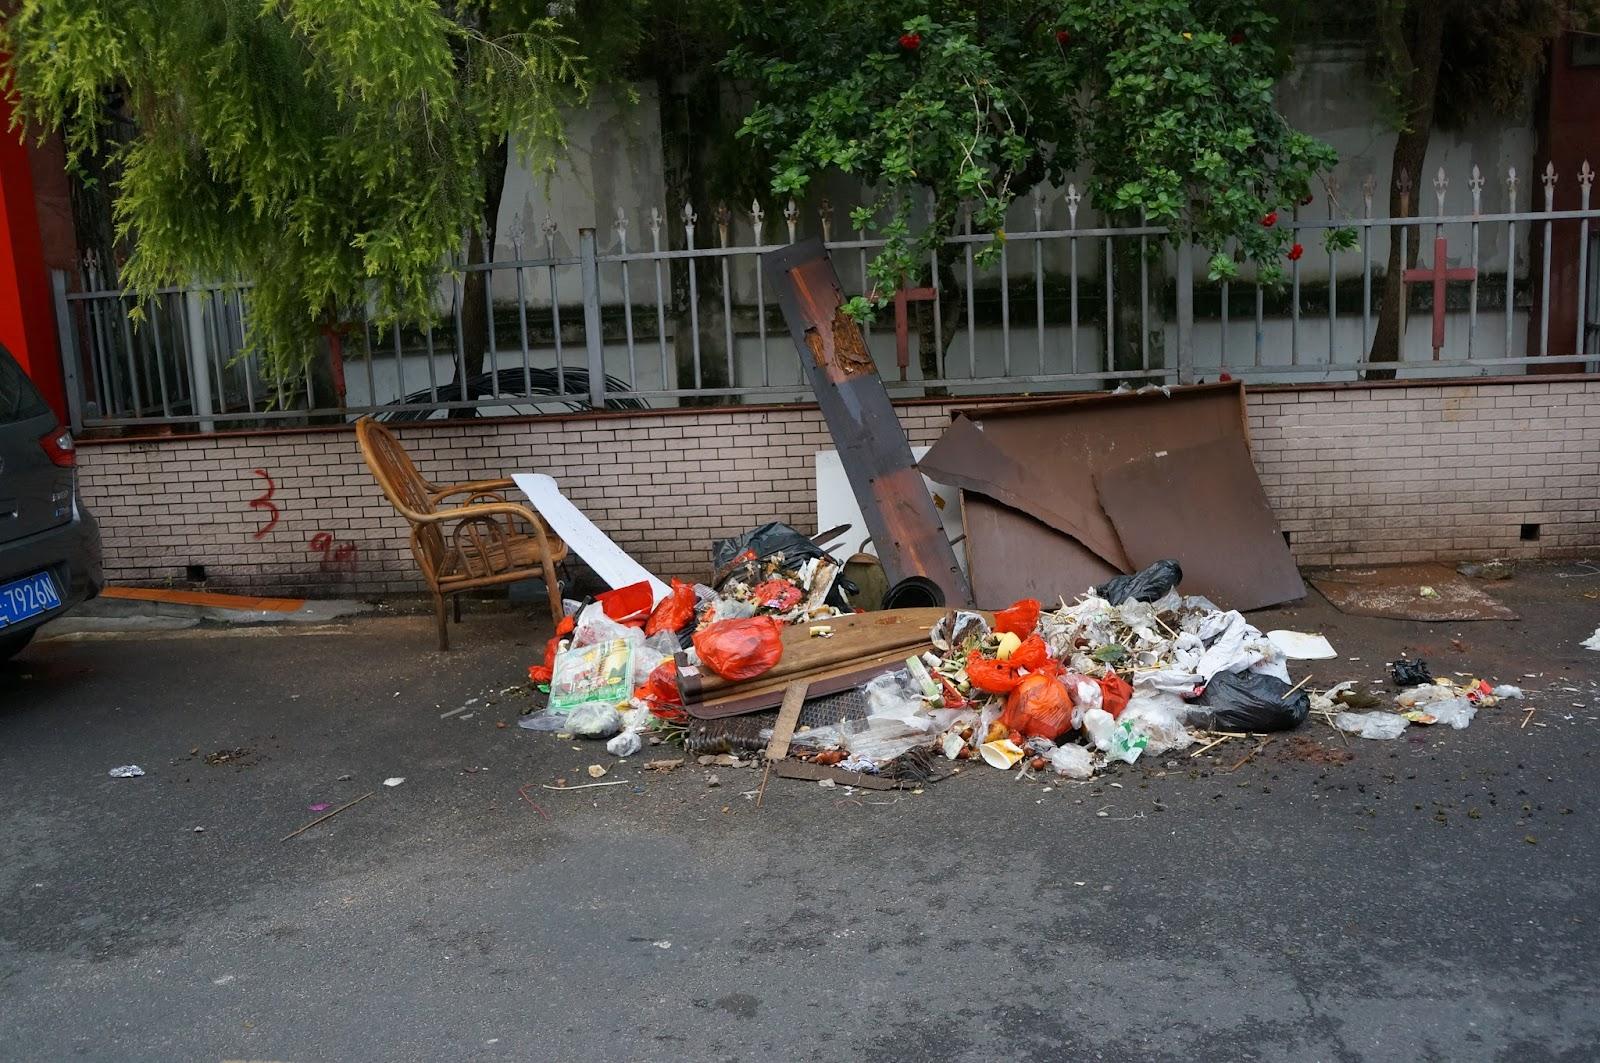 石码清晨街道的垃圾.JPG